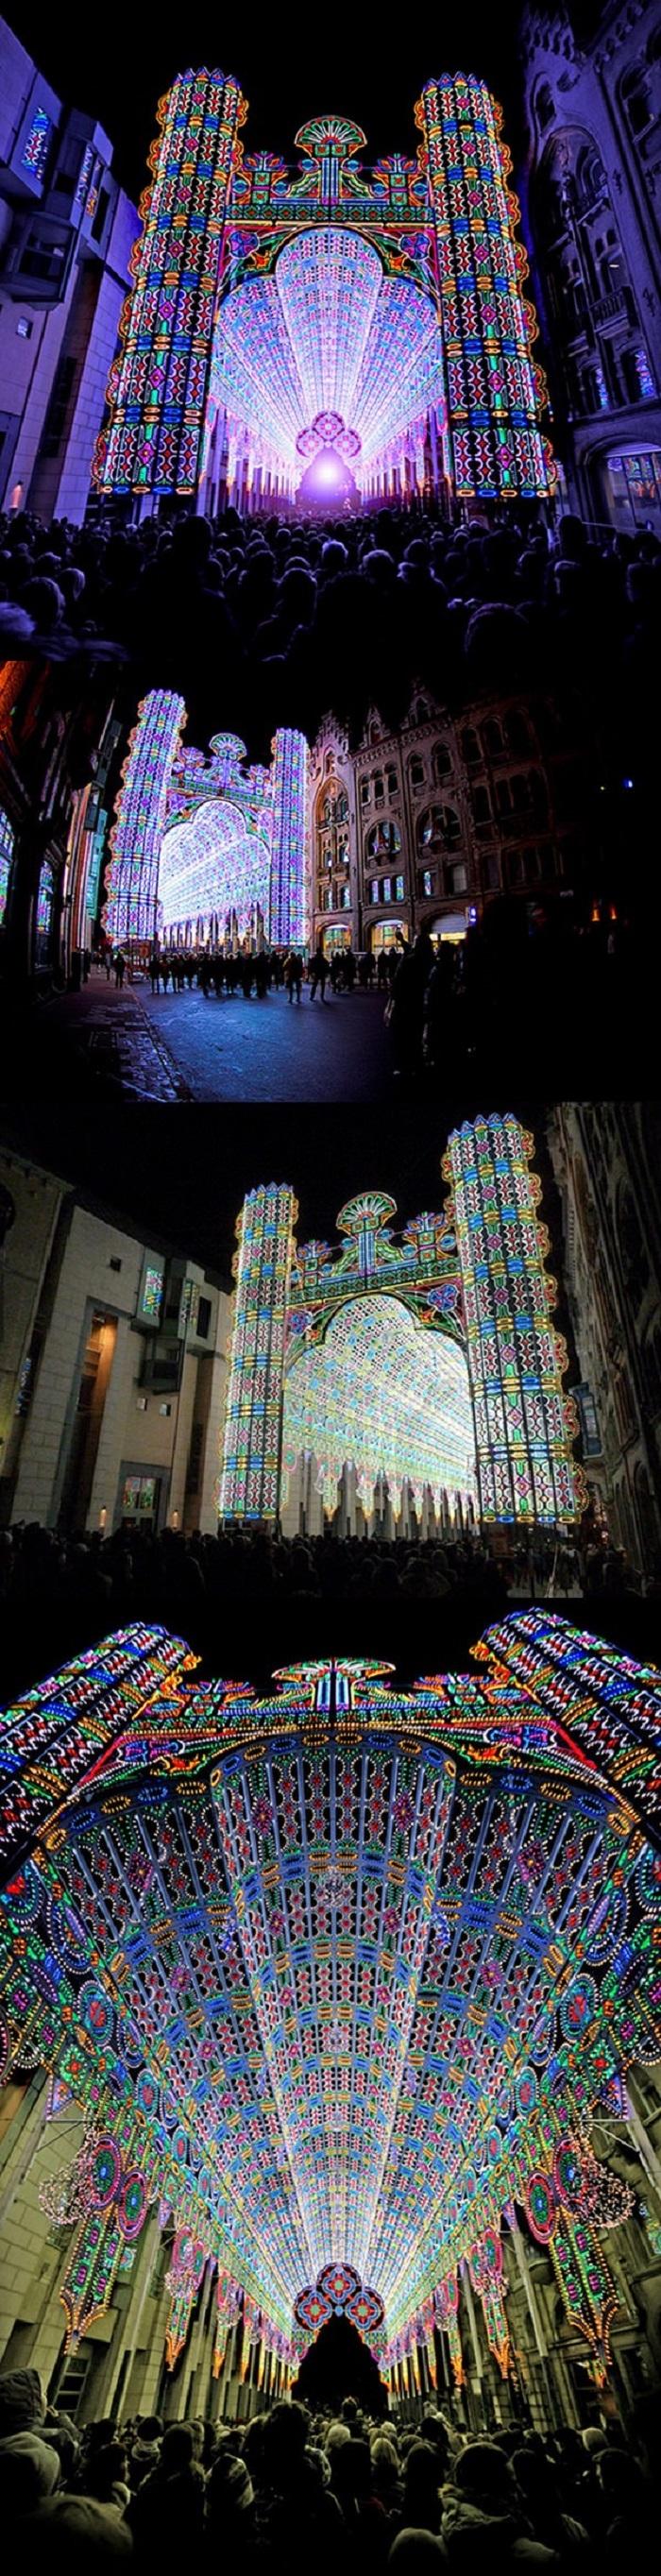 55,000 LED walkway